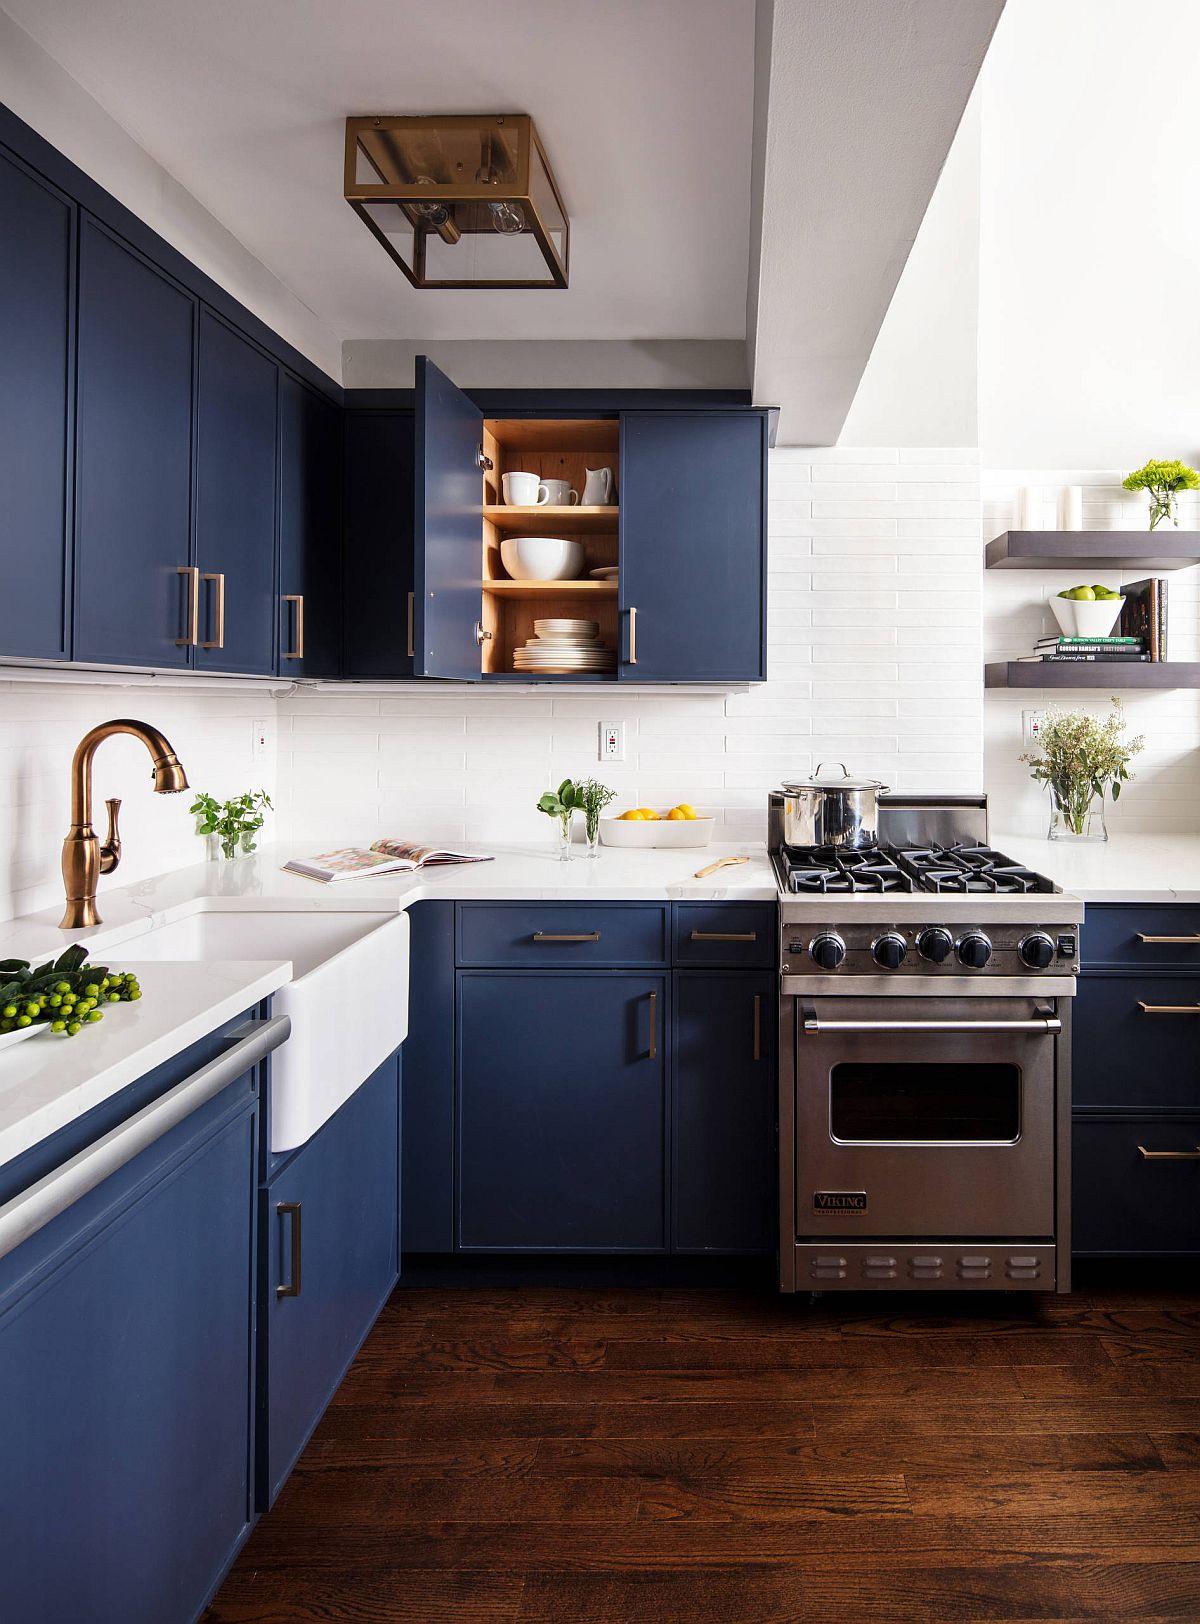 Cuisine new-yorkaise gaie et magnifique en blanc avec des armoires bleu foncé fringantes